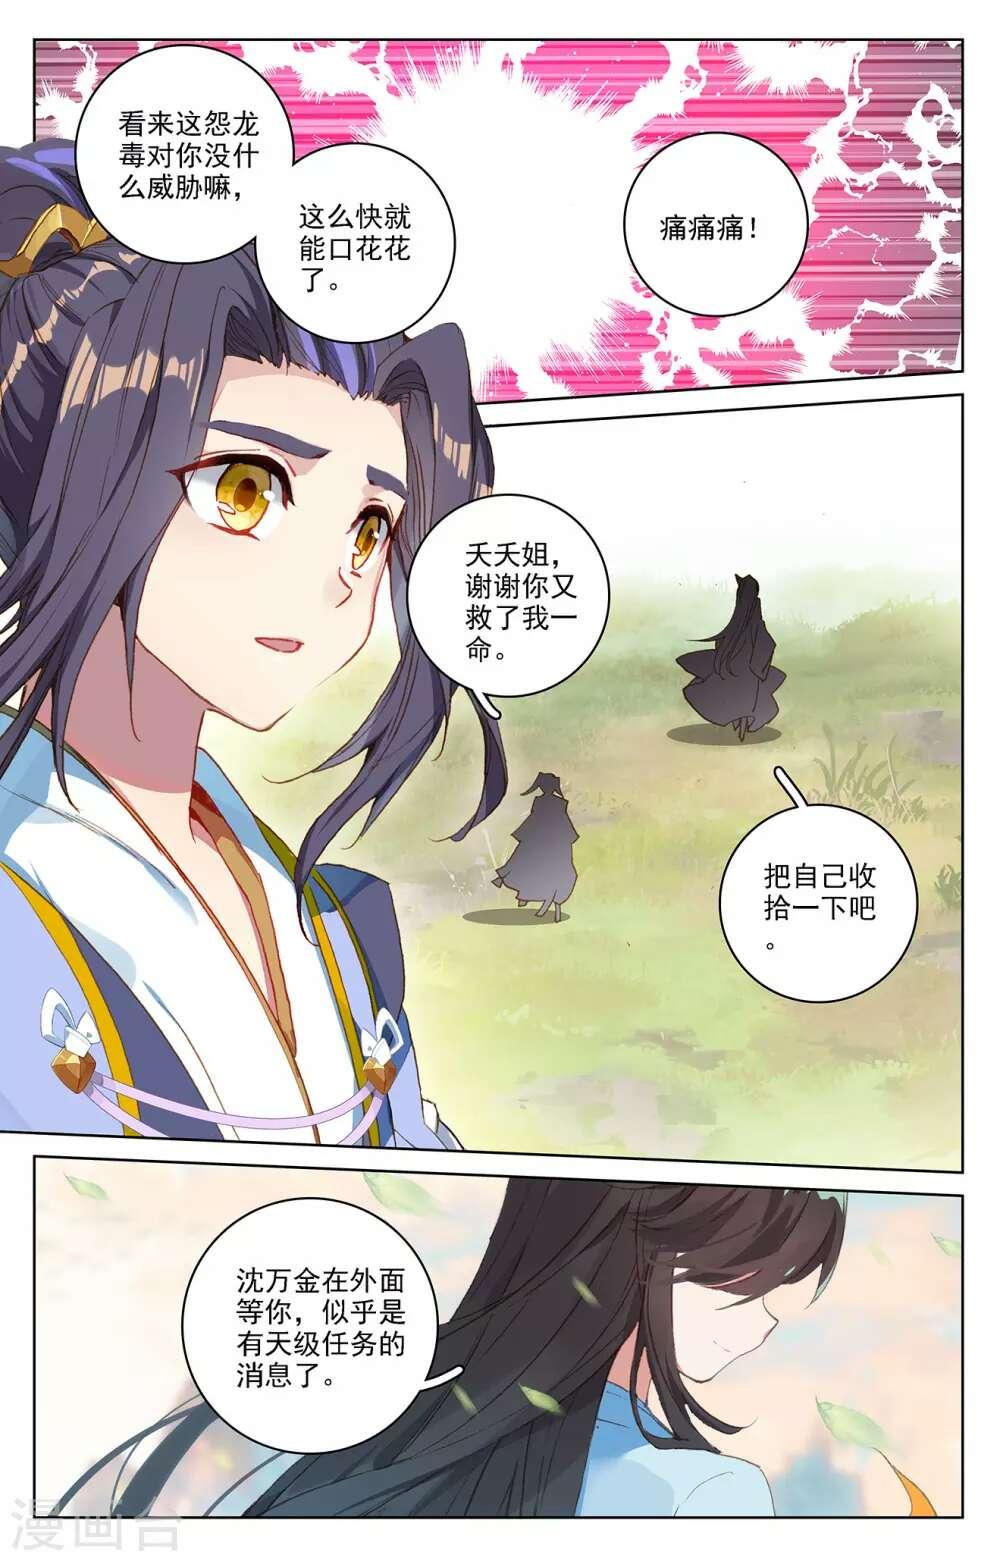 【漫画更新】元尊第二百一十六话   镇压(下)